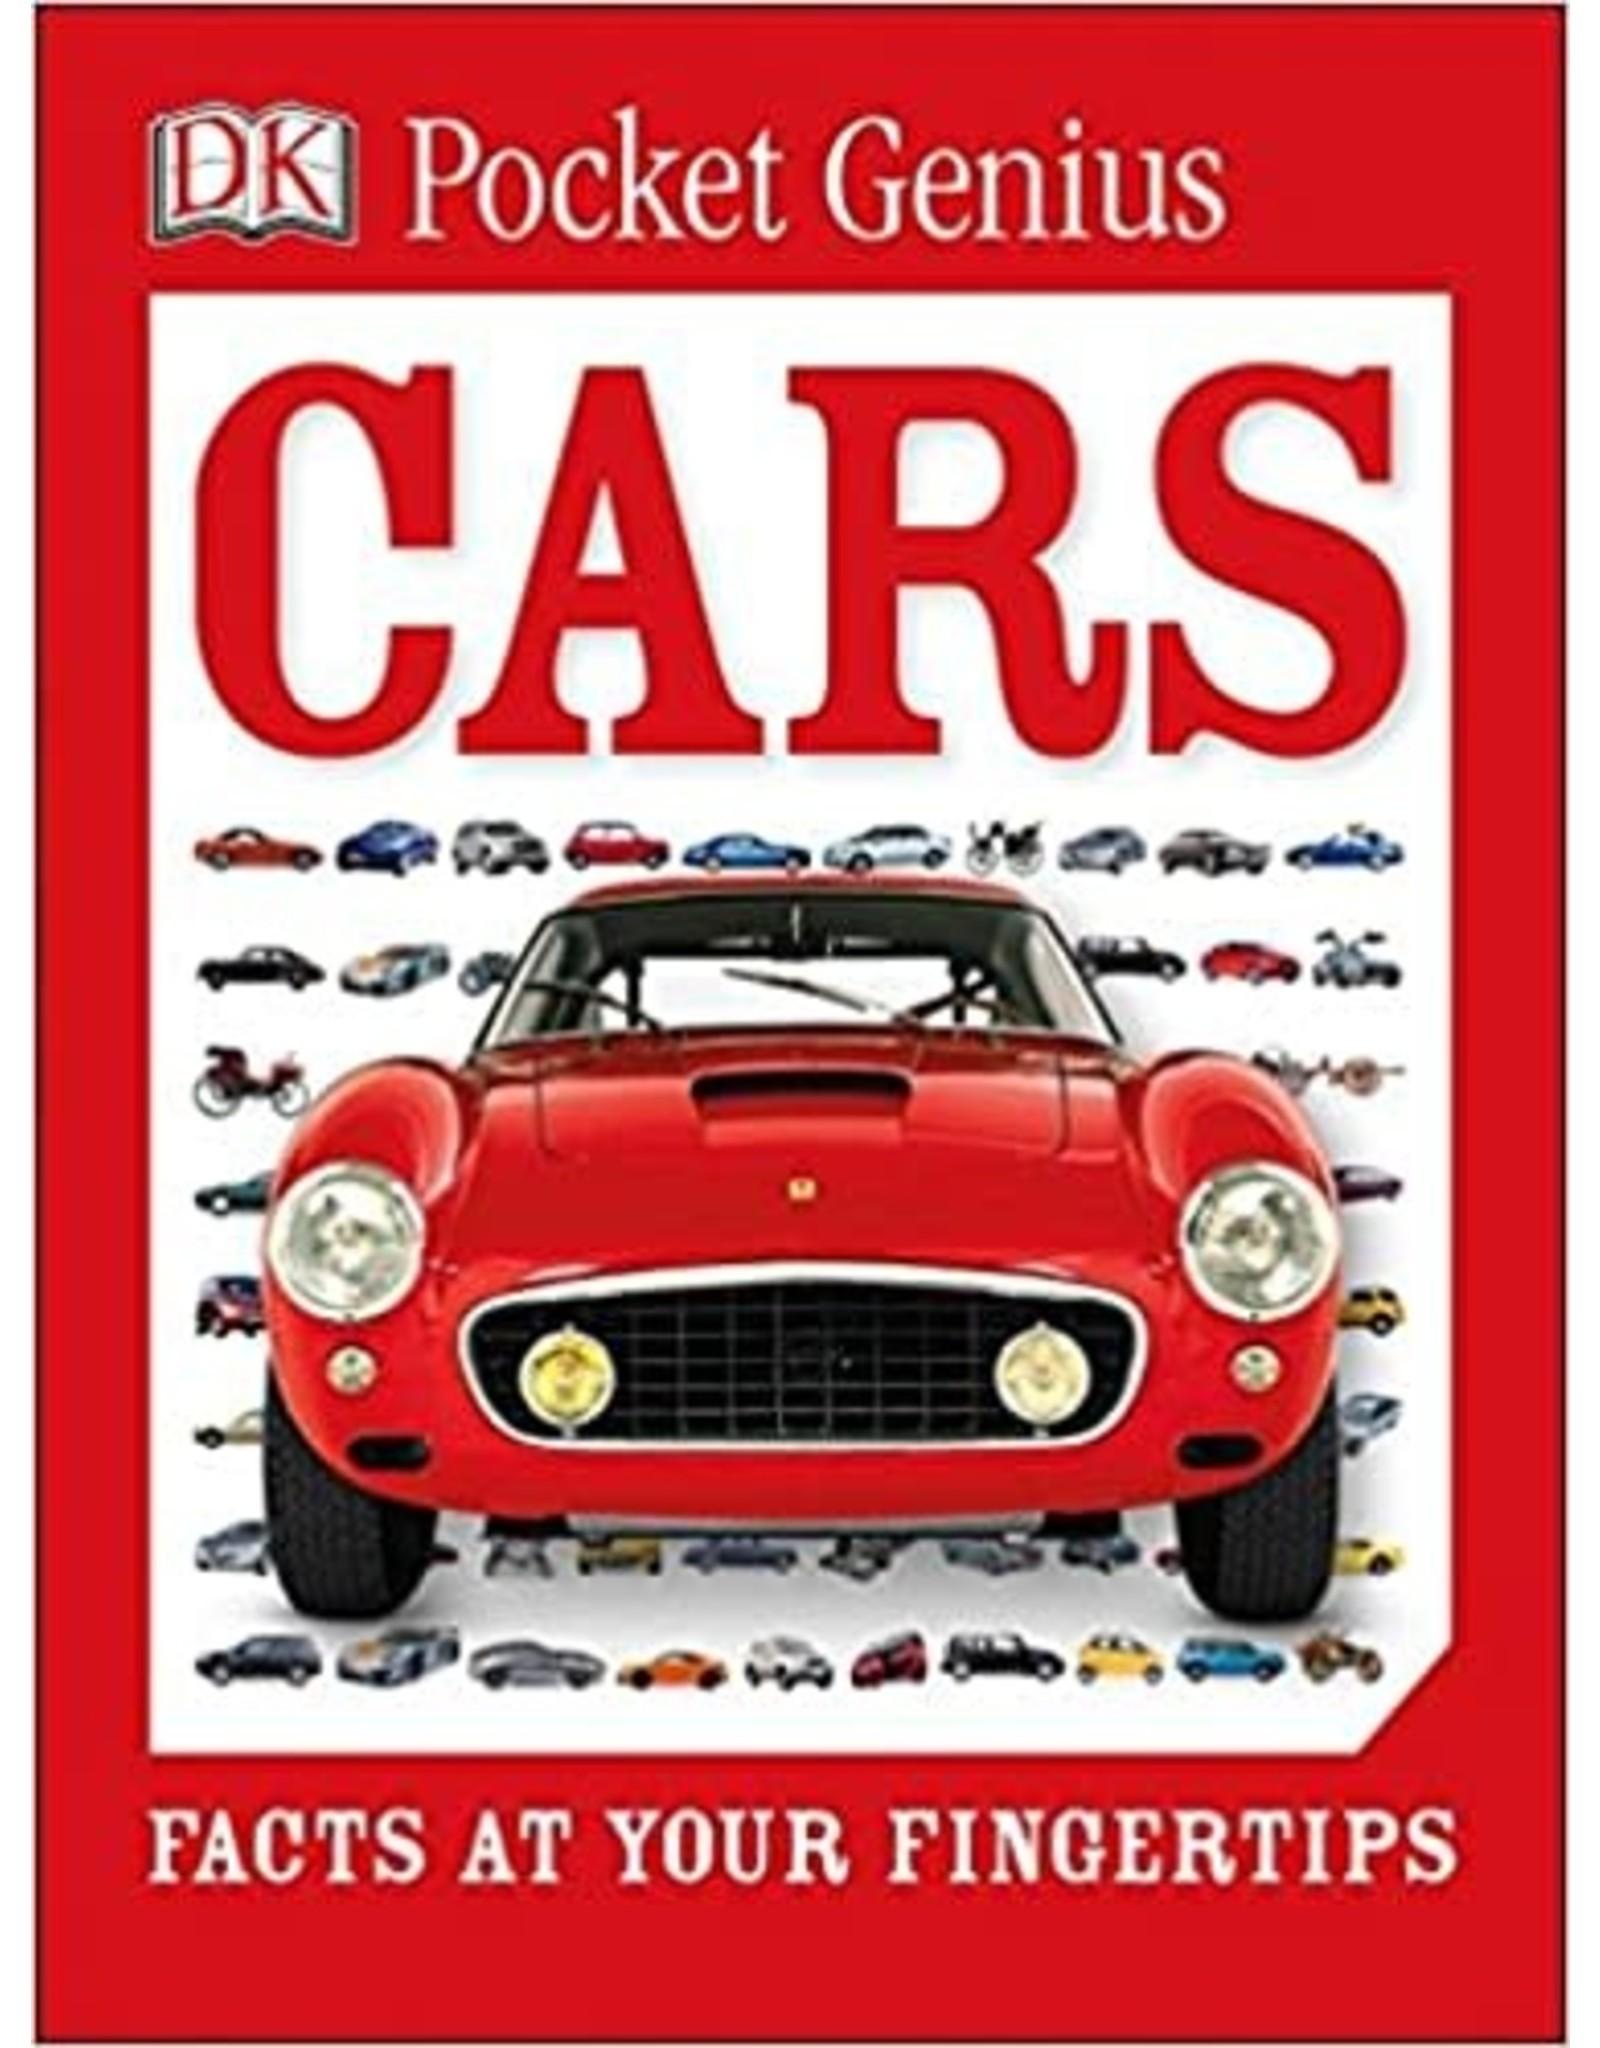 PKT GEN CARS PB